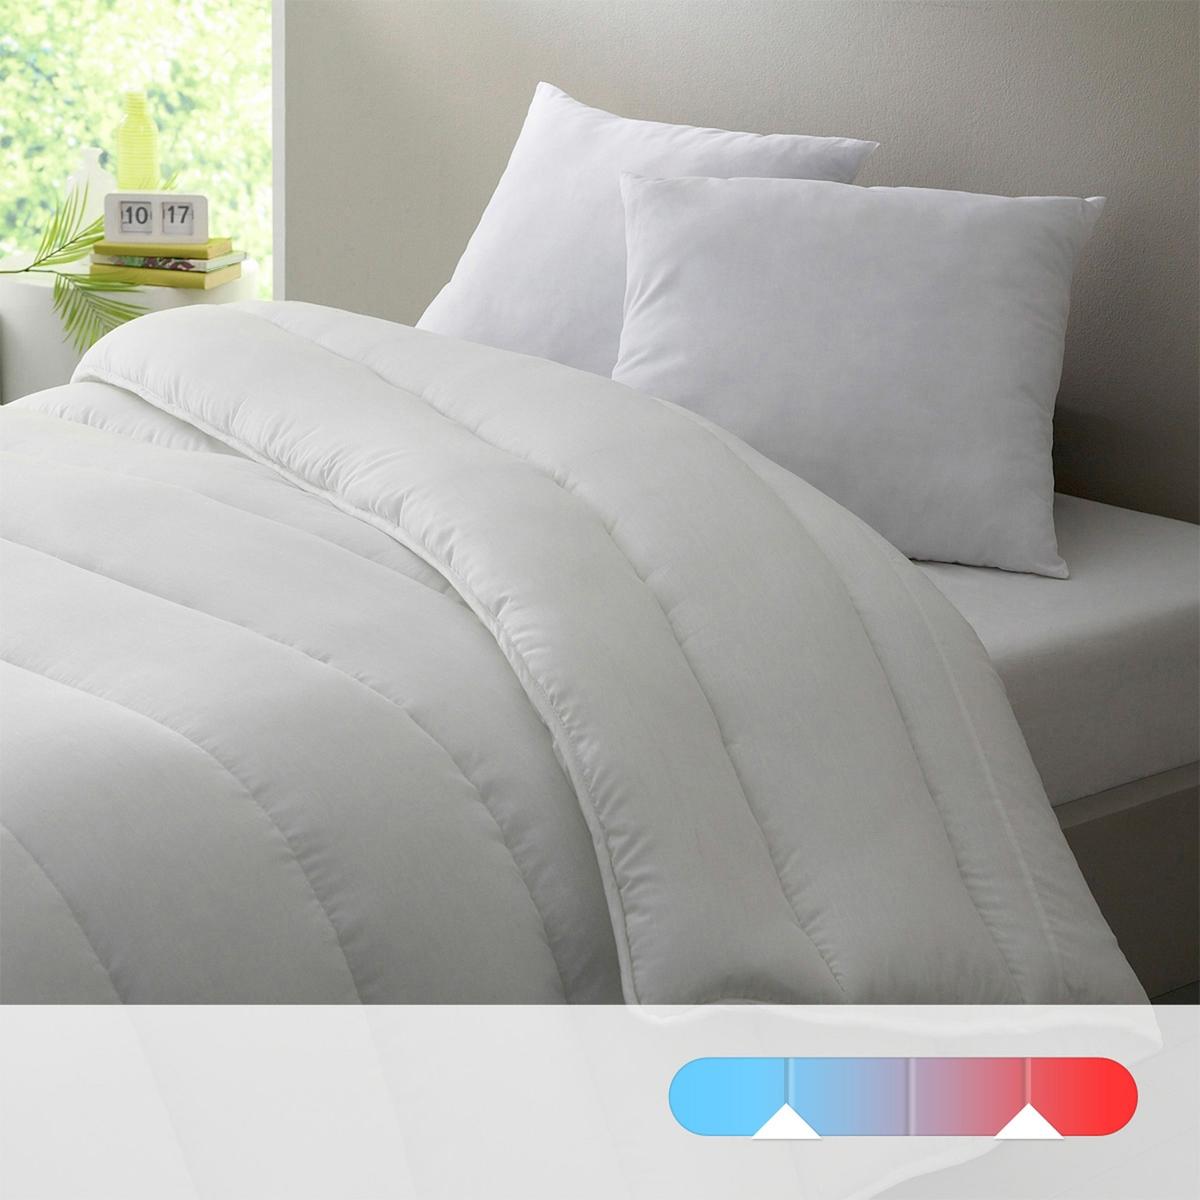 Одеяло двойное 4 сезона, 175 г/м2 и 300 г/м2, 100% полиэстер с обработкой SANITIZEDОдеяло из 100% полиэстера, полые силиконизированные волокна с обработкой против клещей SANITIZED для большего комфорта. Превосходное соотношение цены и качества.   !Идеально для любого времени года : летнее одеяло 175 г/м? + 1 демисезонное одеяло 300 г/м? и два – для зимы. Соединение завязками.Наполнитель : 100% полиэстер, полые силиконизированные волокна с обработкой SANITIZEDЧехол : 100% полиэстер. Отделка бейкой.Прострочка : косаяМашинная стирка при 30 °СБиоцидная обработка<br><br>Цвет: белый